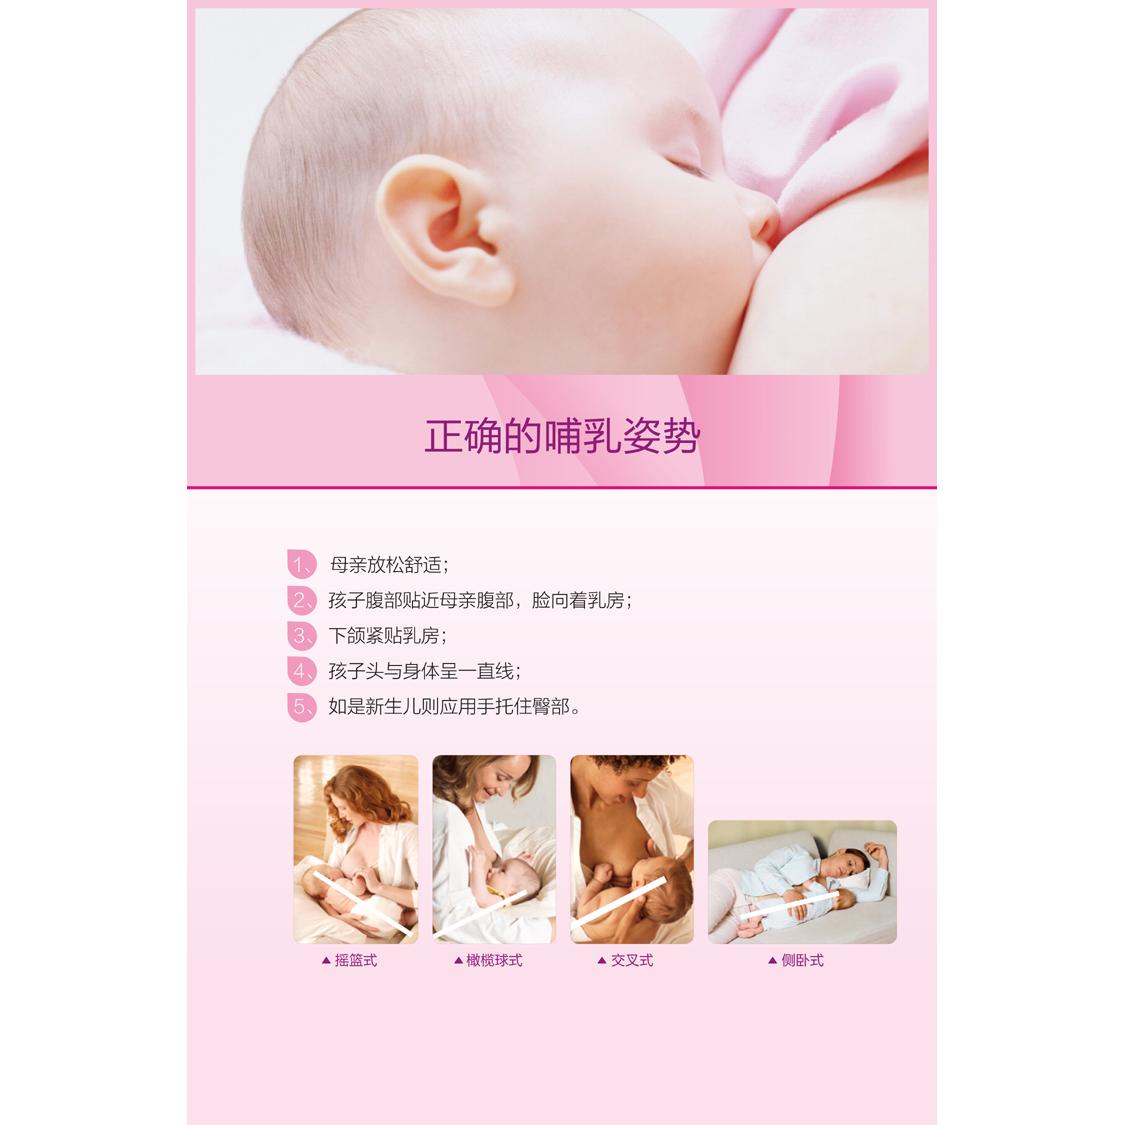 医院产科海报妇幼保健宣传画展板母乳喂养的好处及正确哺乳的姿势